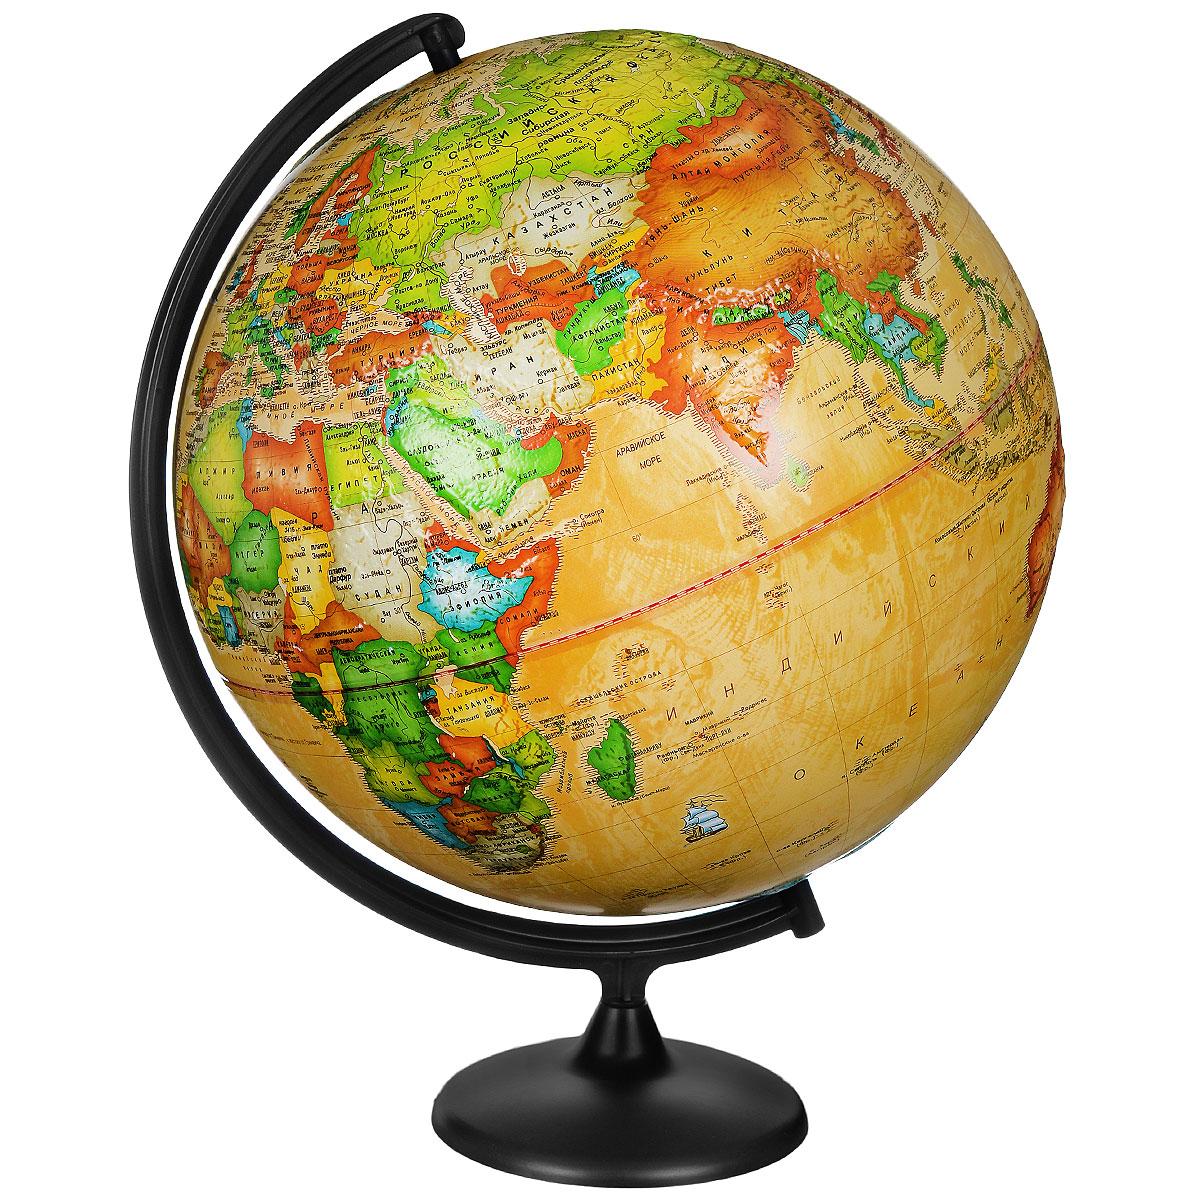 Глобусный мир Глобус с политической картой мира Ретро-Александр рельефный диаметр 42 см 10348